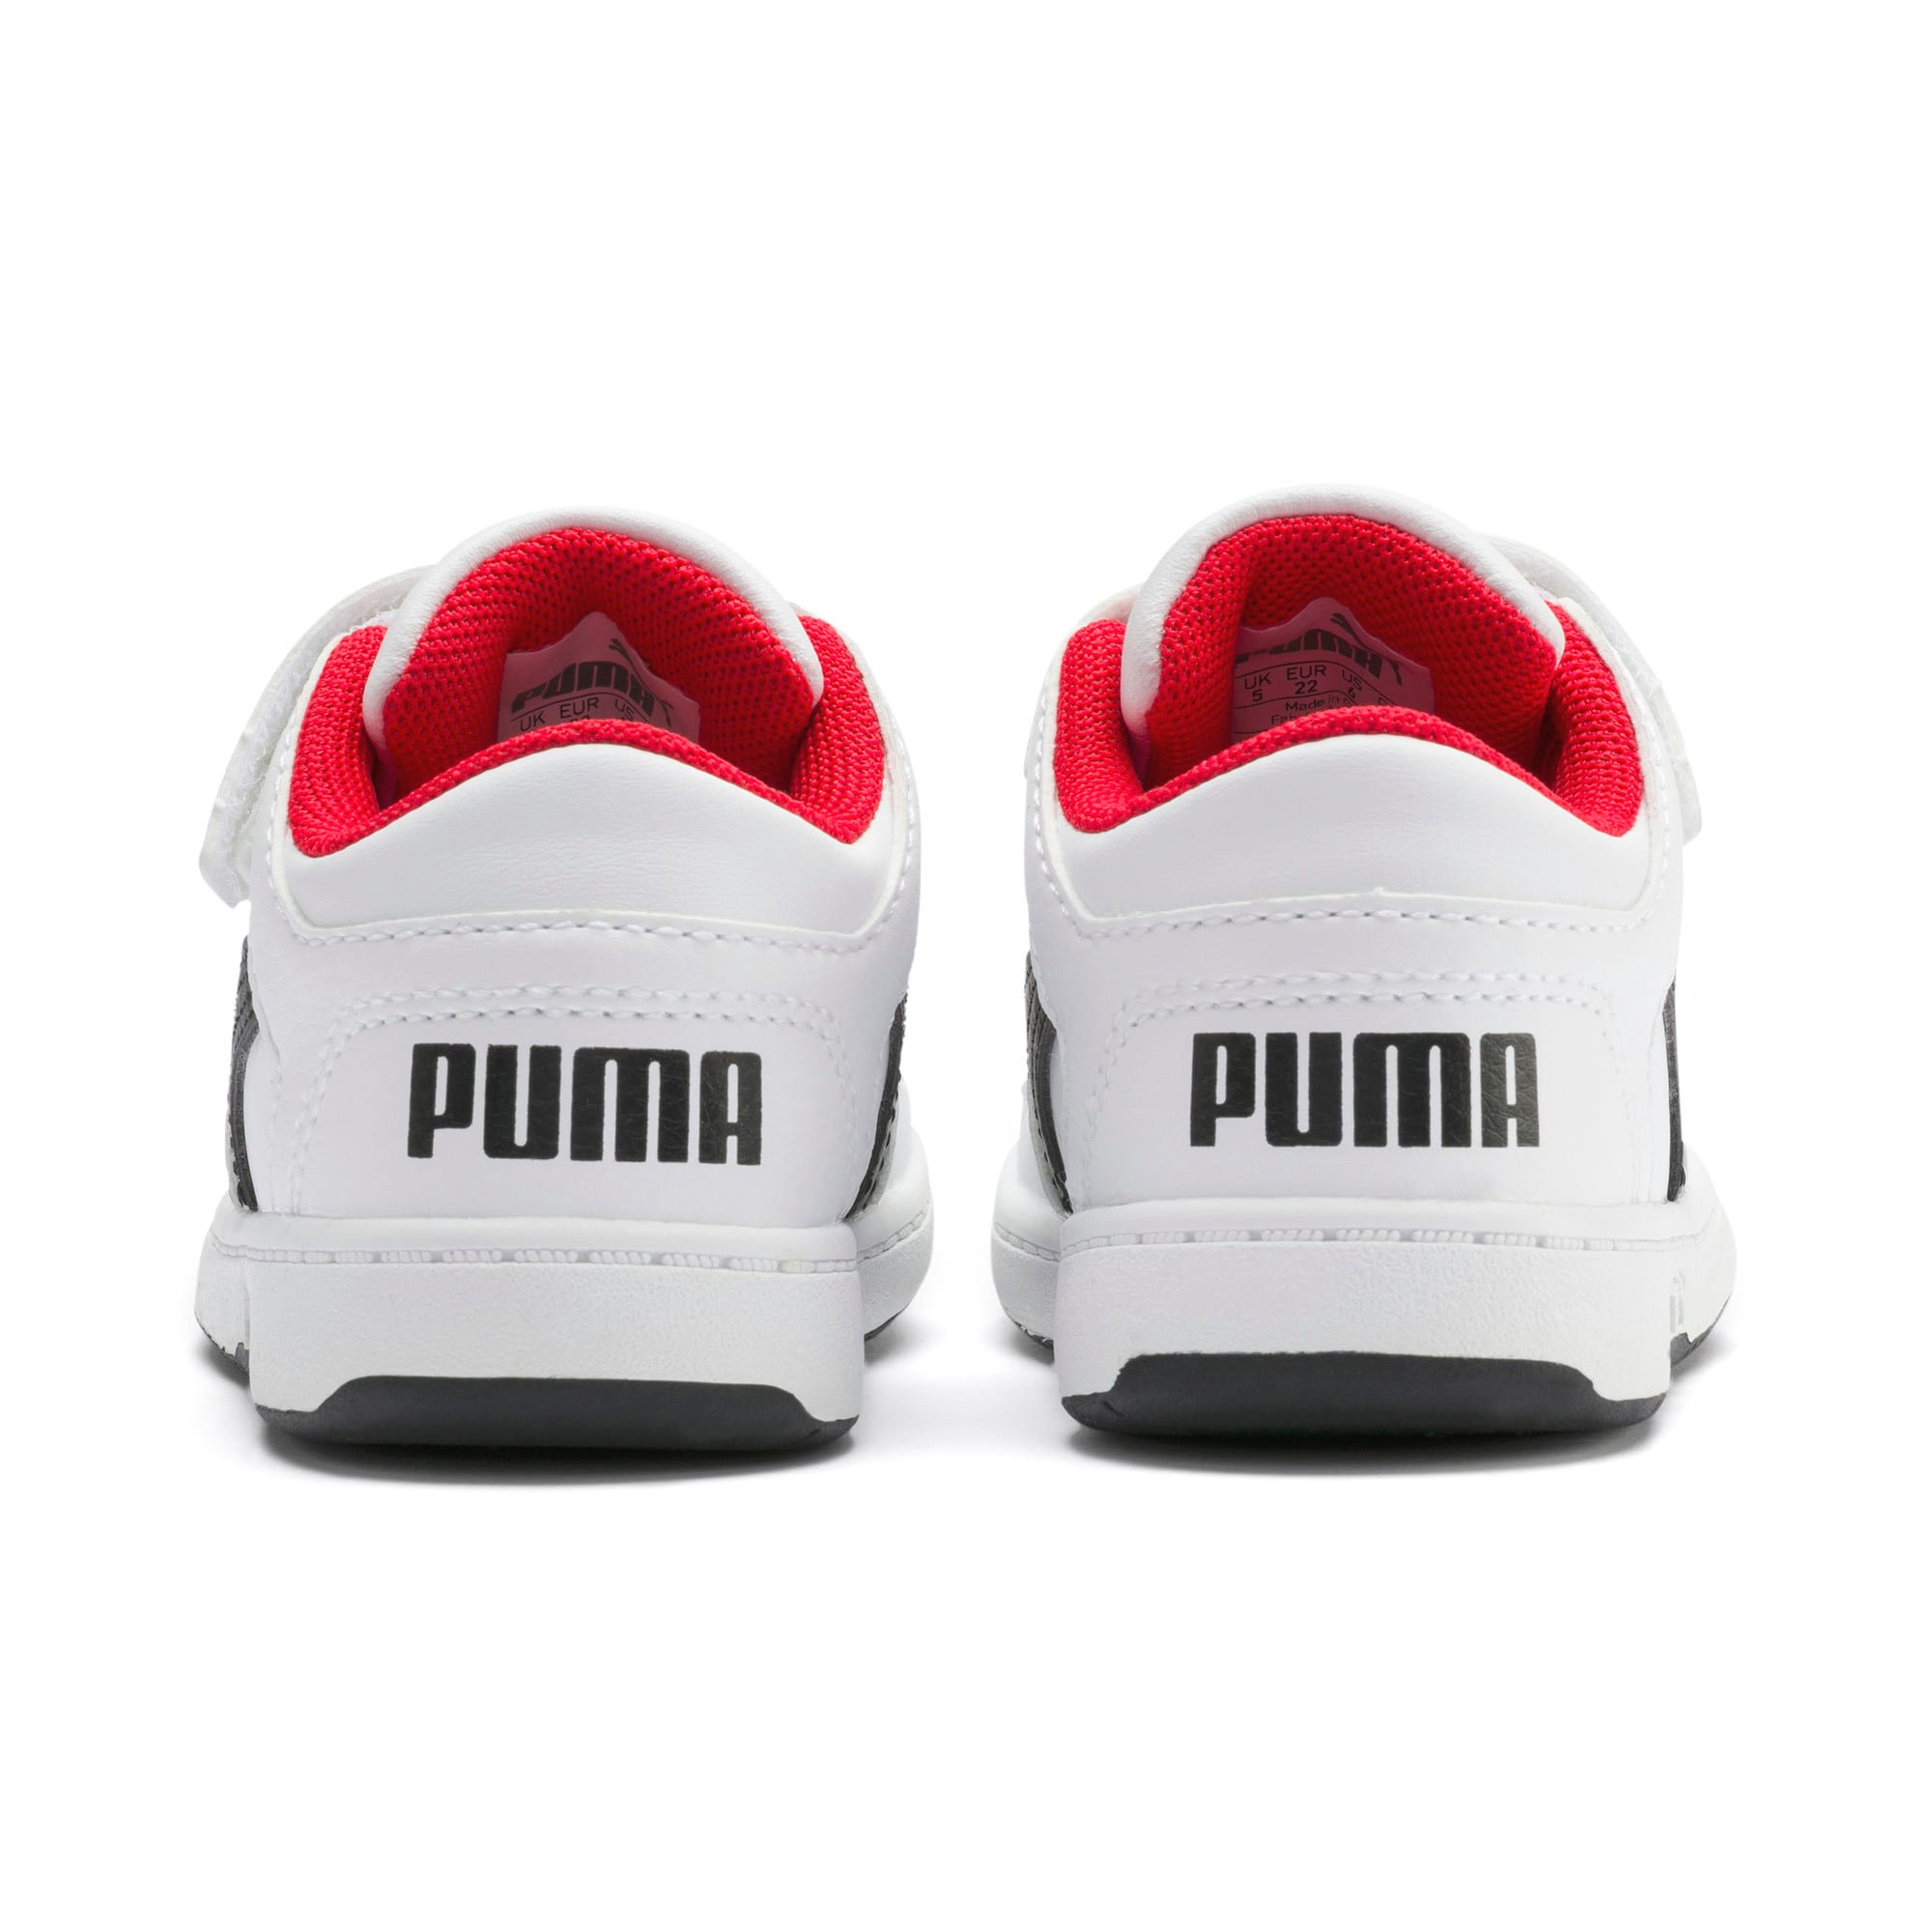 Miniatura 3 de Zapatos deportivos PUMA Rebound LayUp Lo para INF, Puma White-Puma Black-Red, mediano